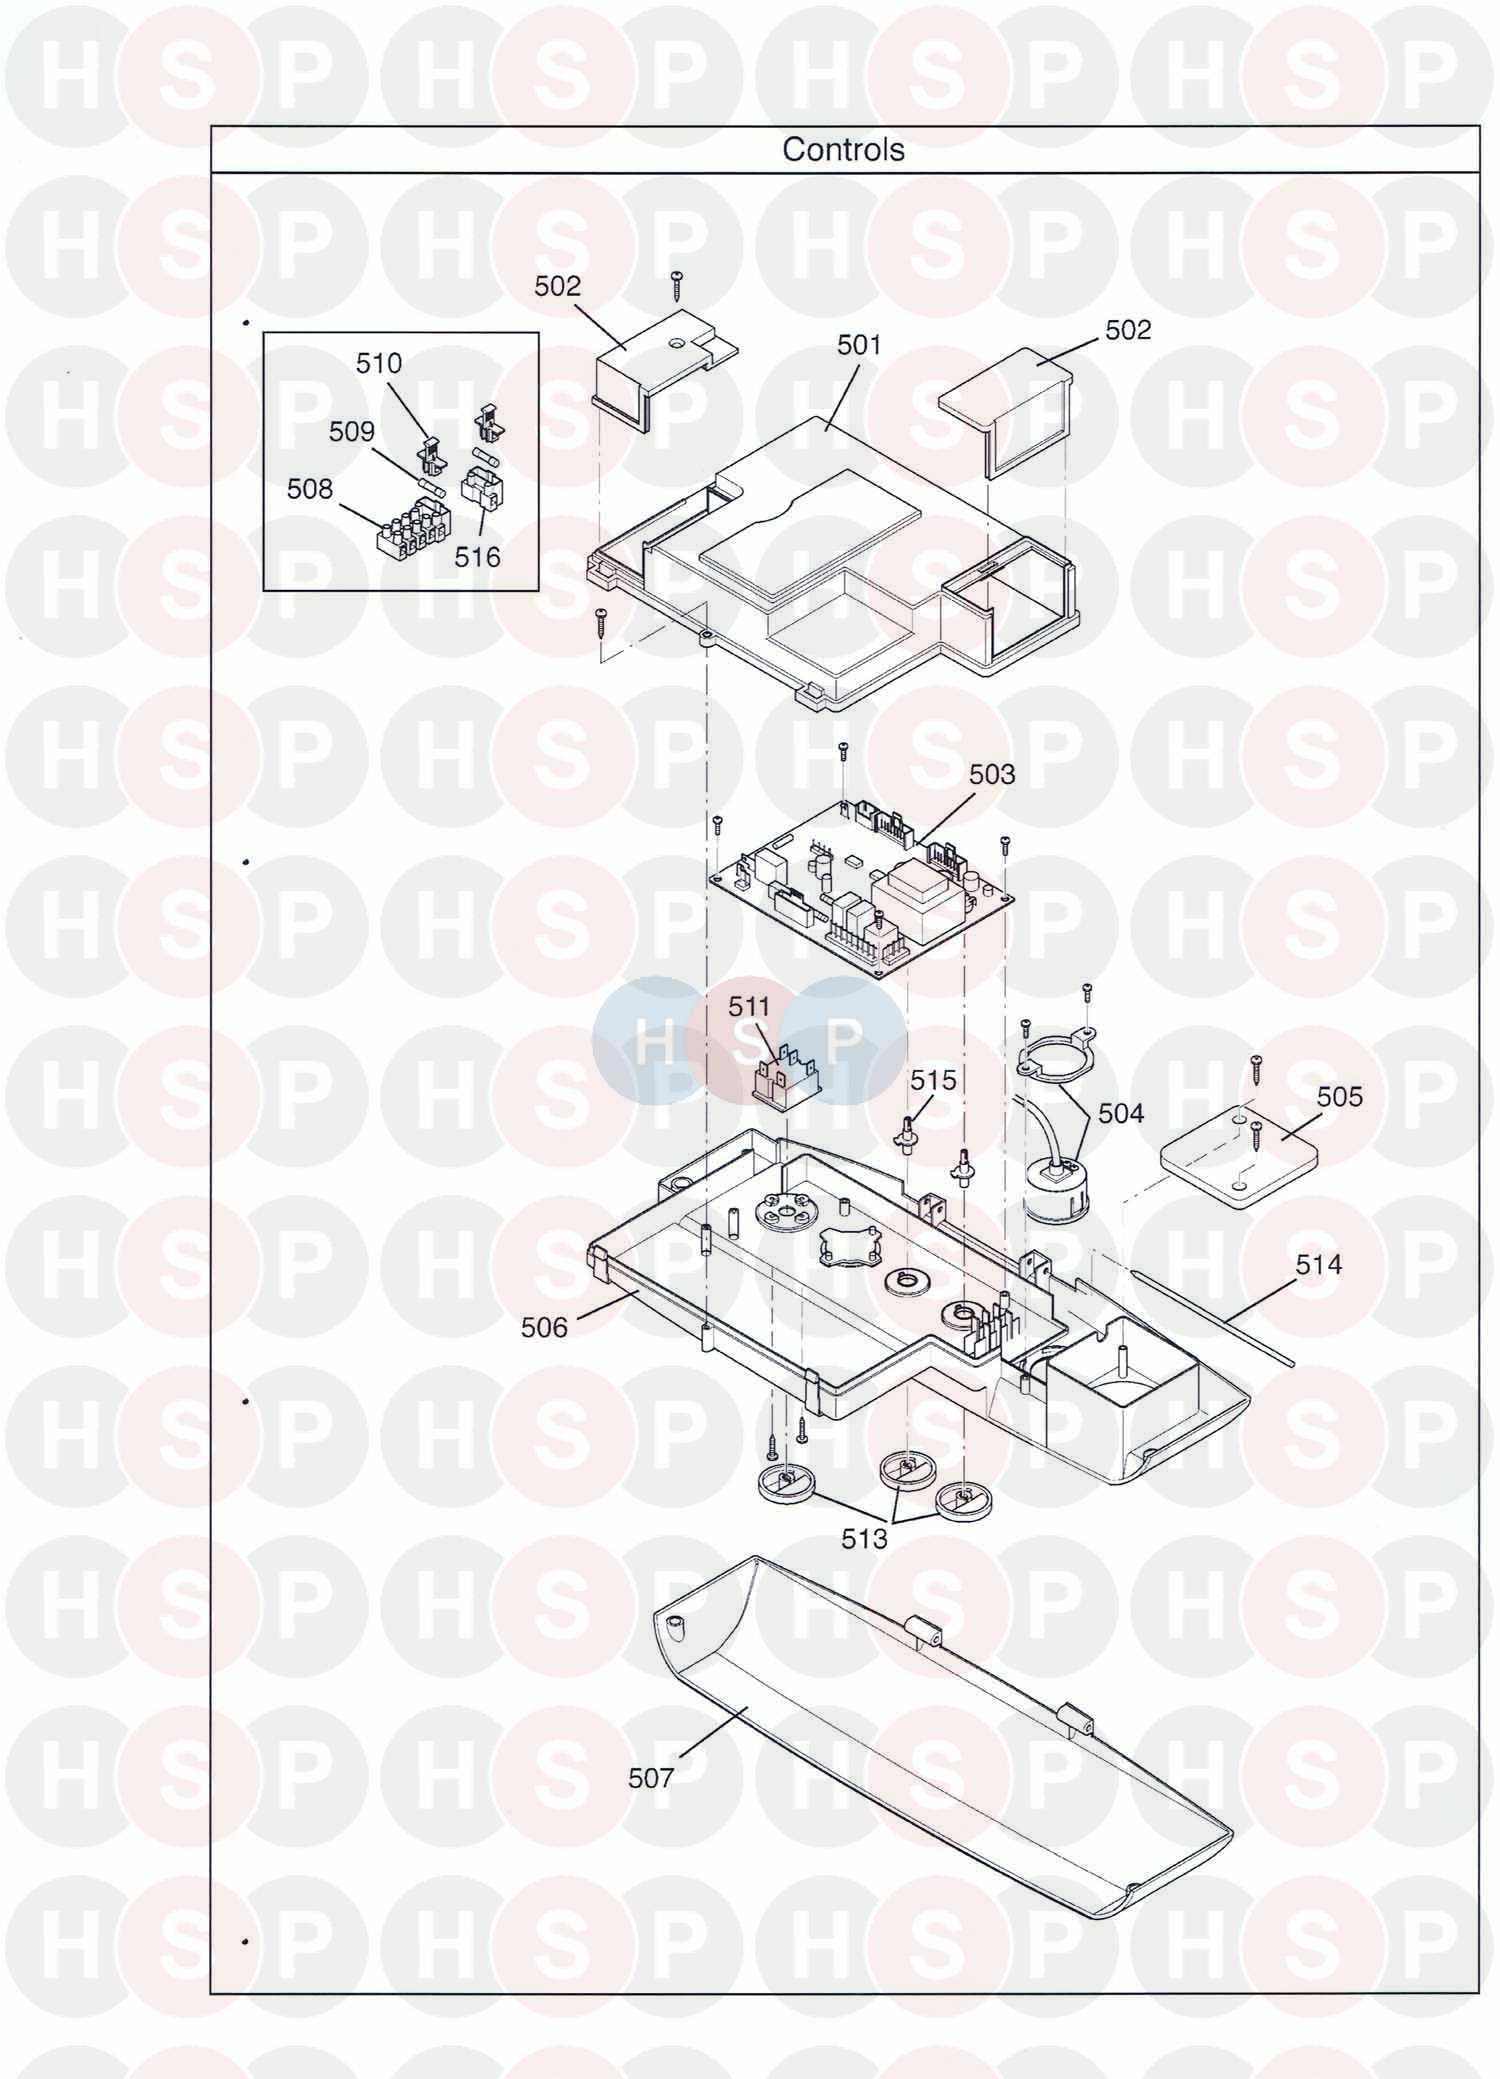 baxi duo tec 33 he appliance diagram  controls